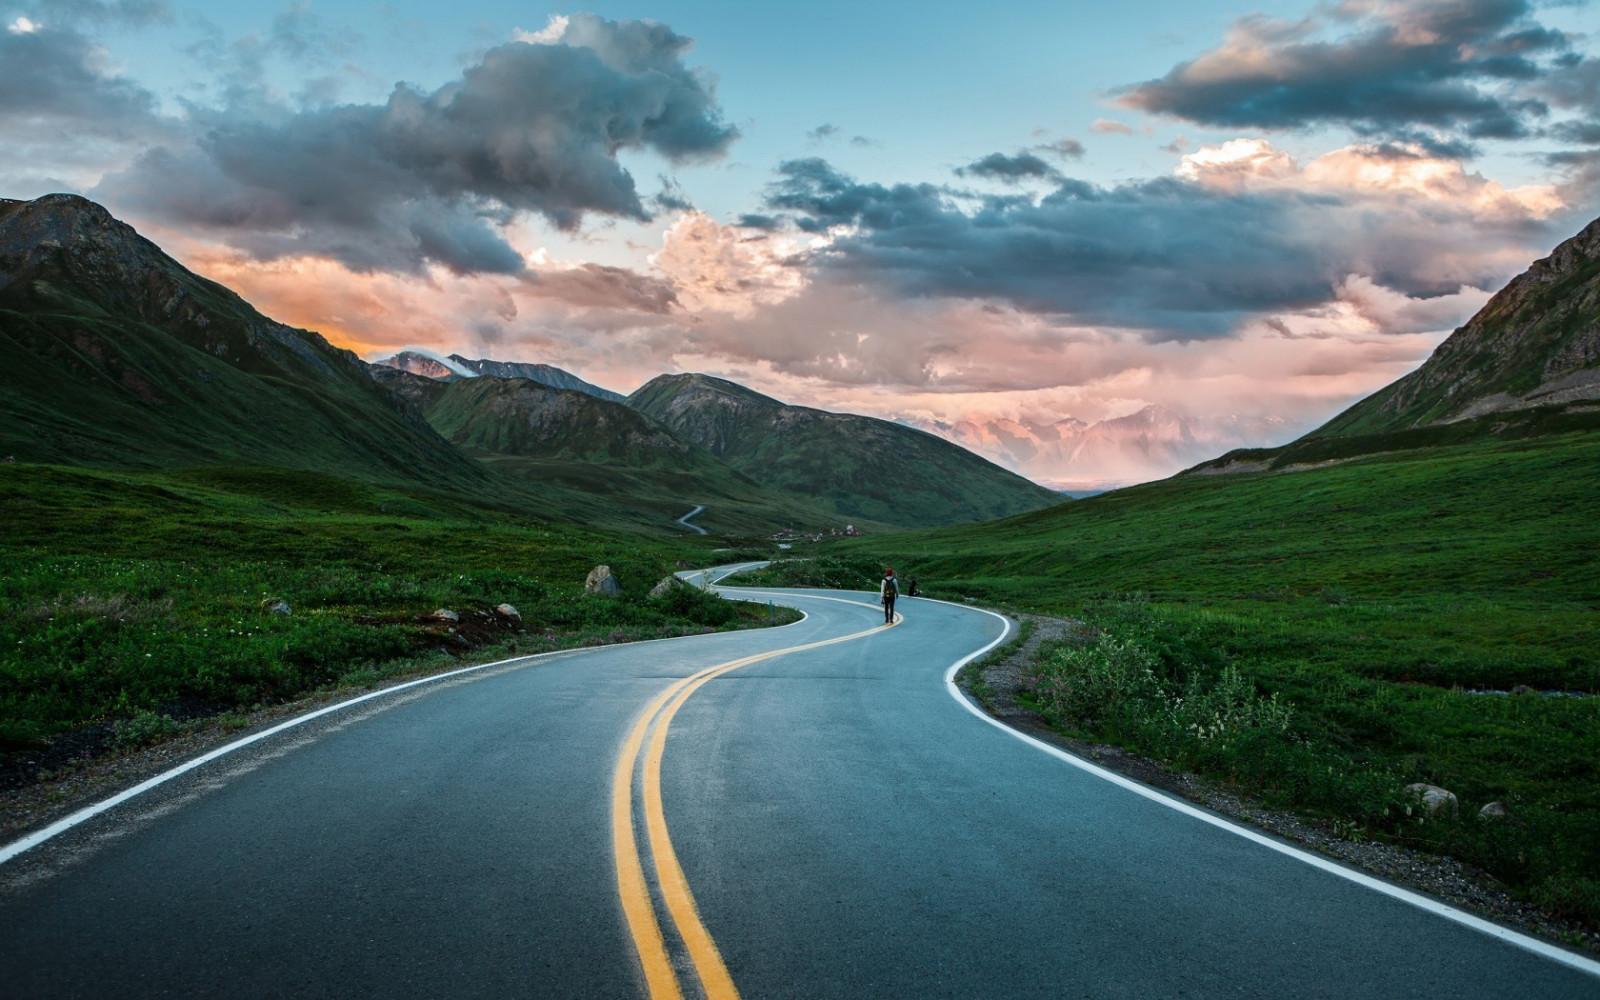 Картинки прекрасной дороги, днем